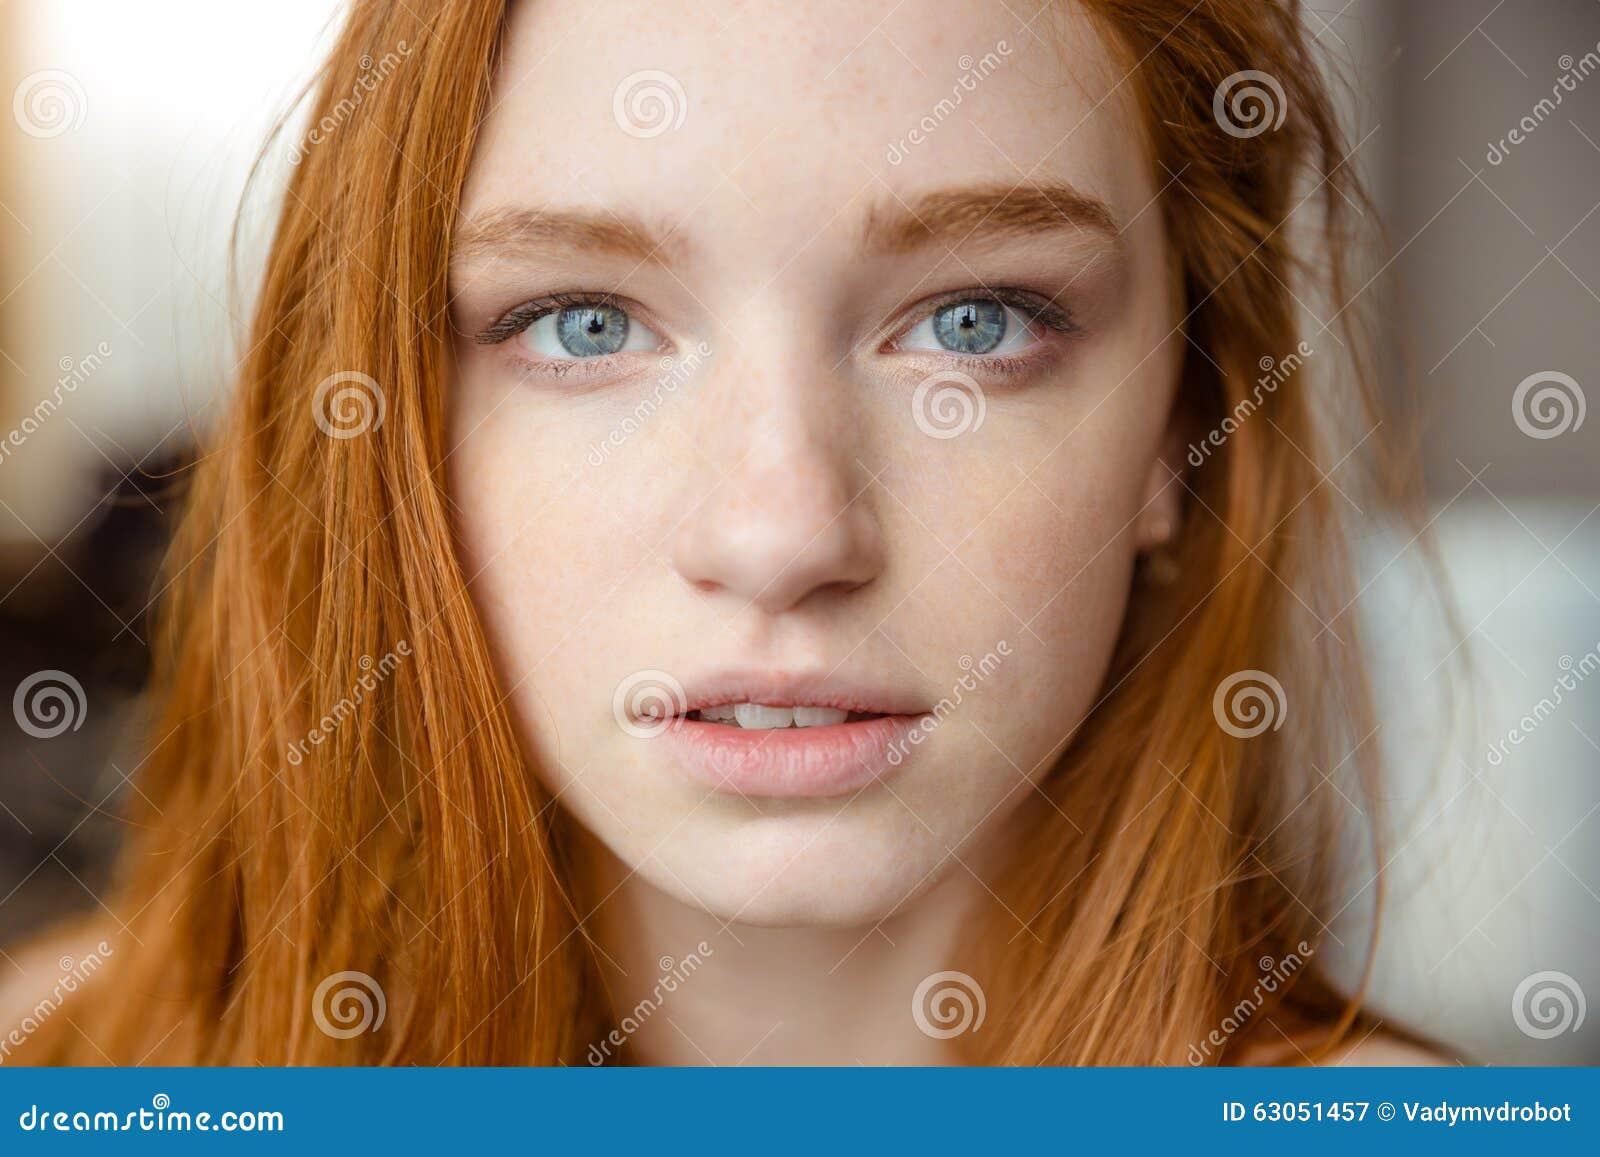 Connexion adolescent russe rousse avec